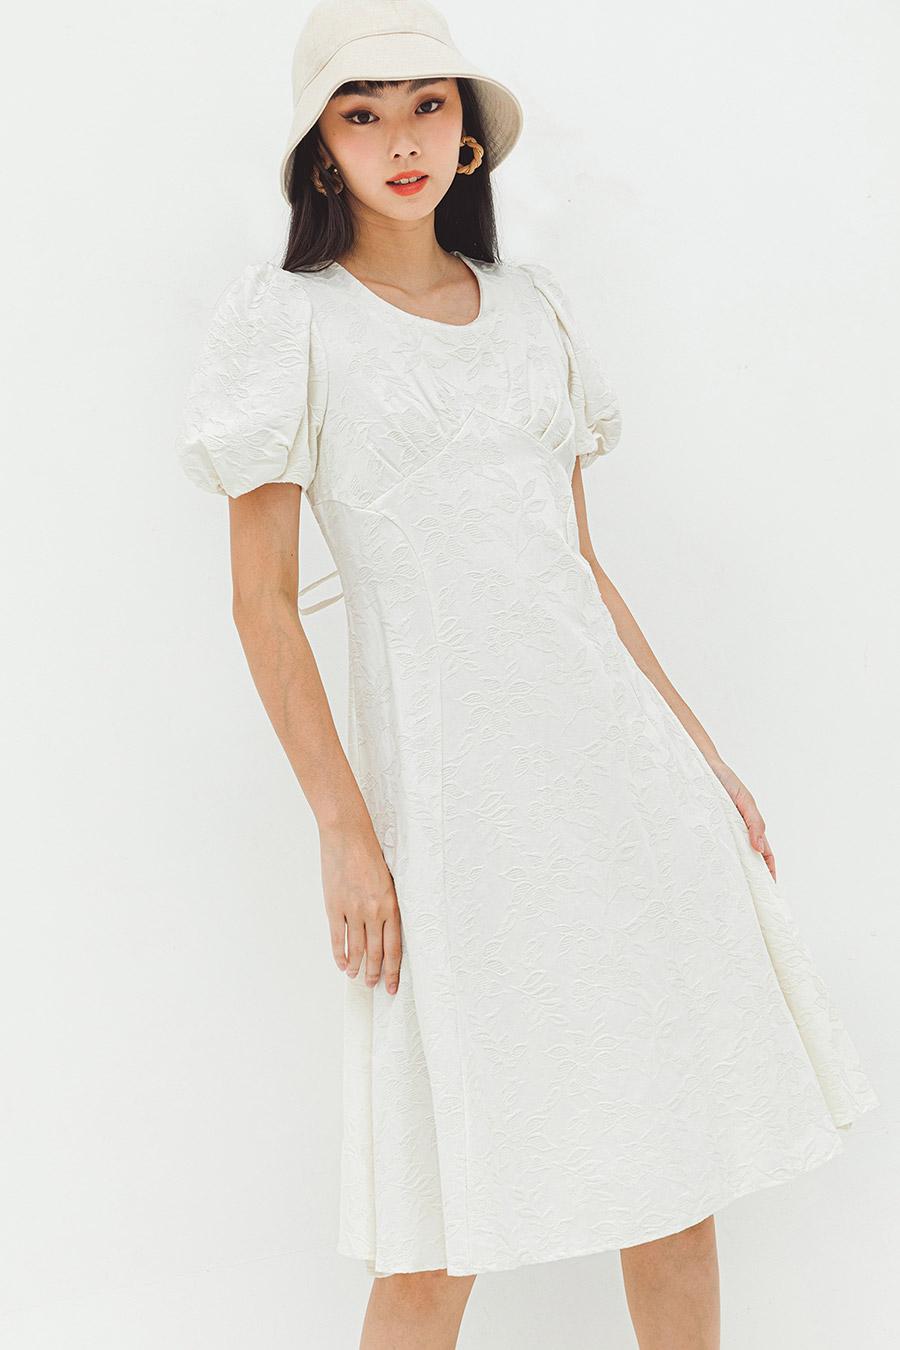 GWENITH DRESS - IVORY FLEUR